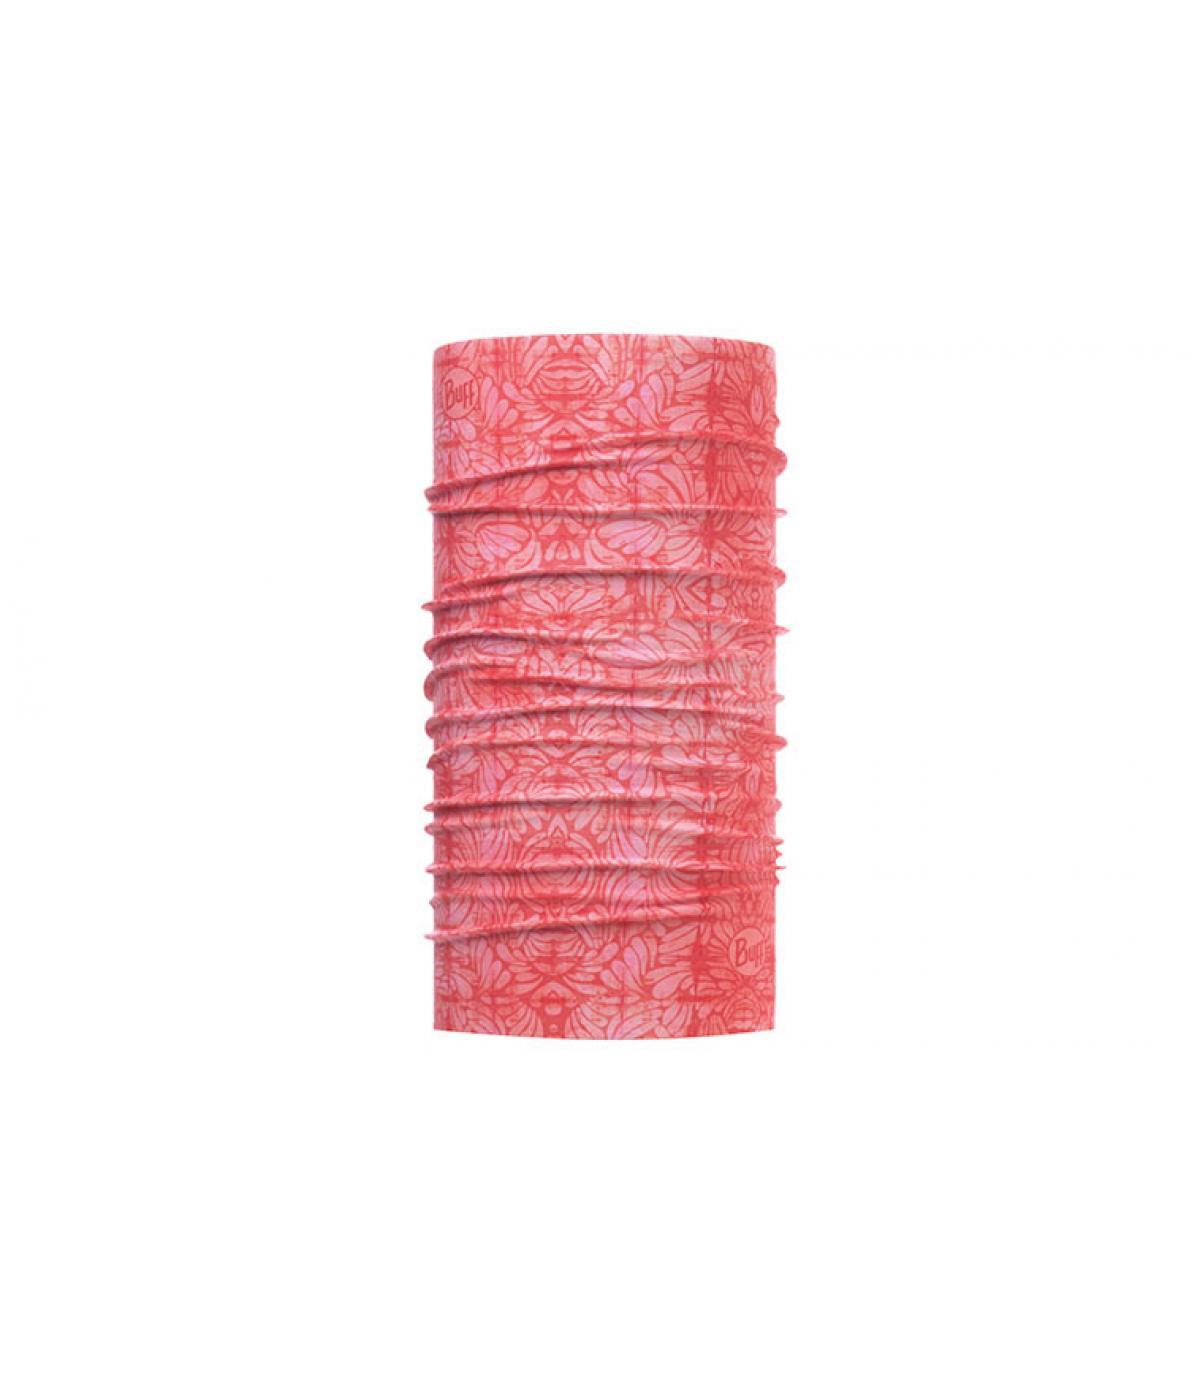 Buff roze gedrukt